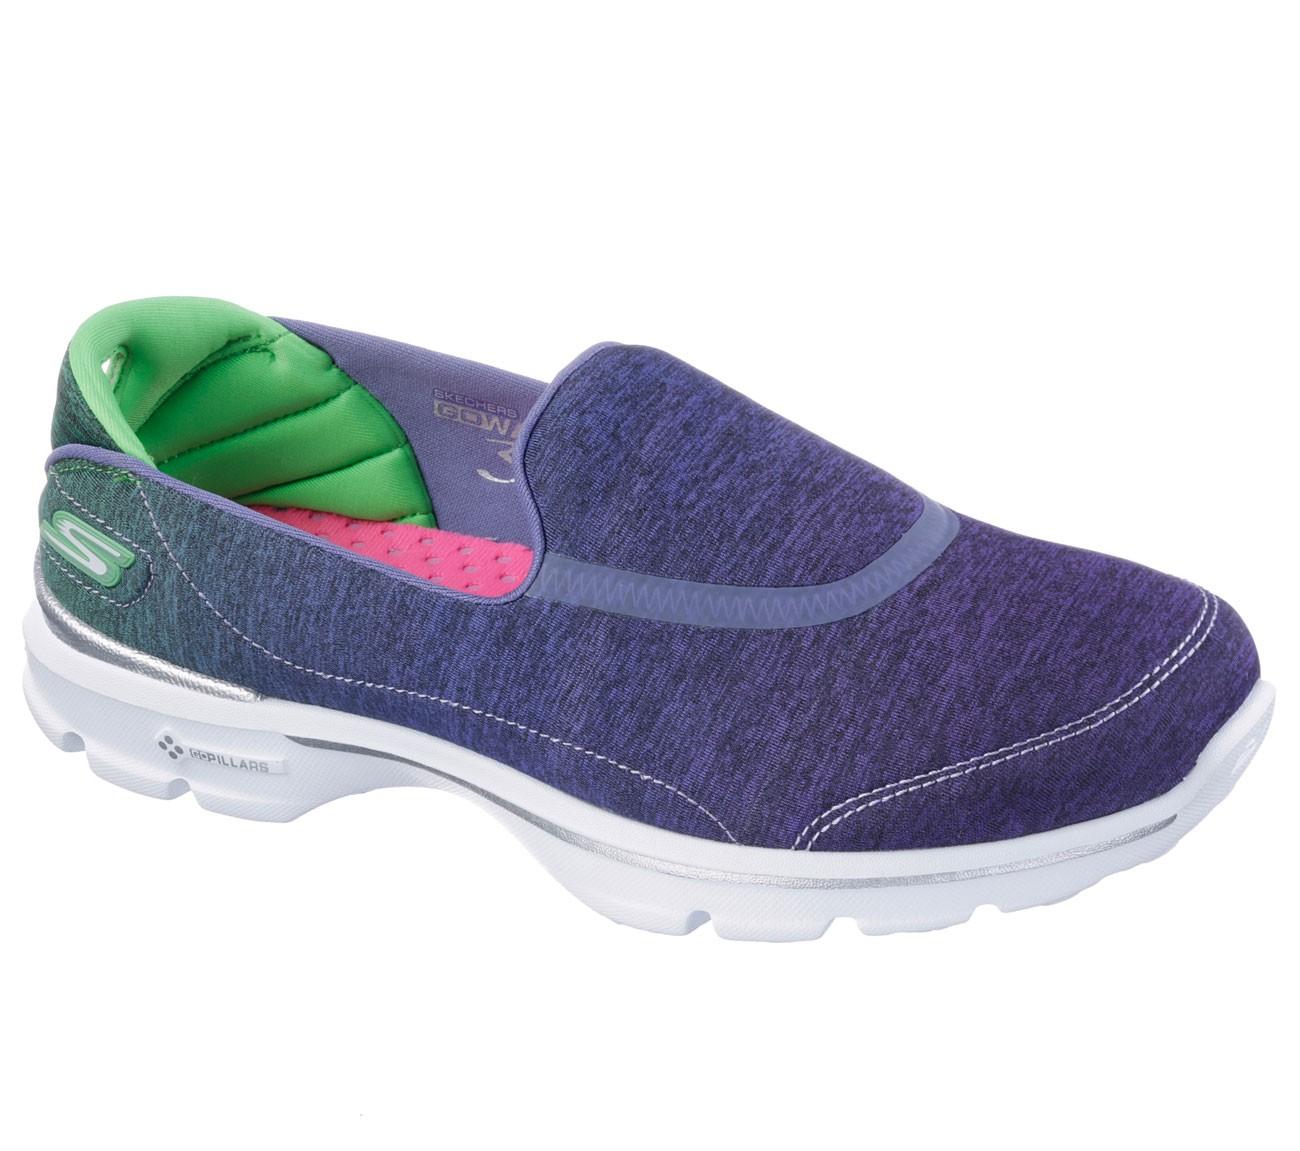 Skechers Bayan Yürüyüş Ayakkabısı Modelleri-Ayakkabı Modelleri (12)